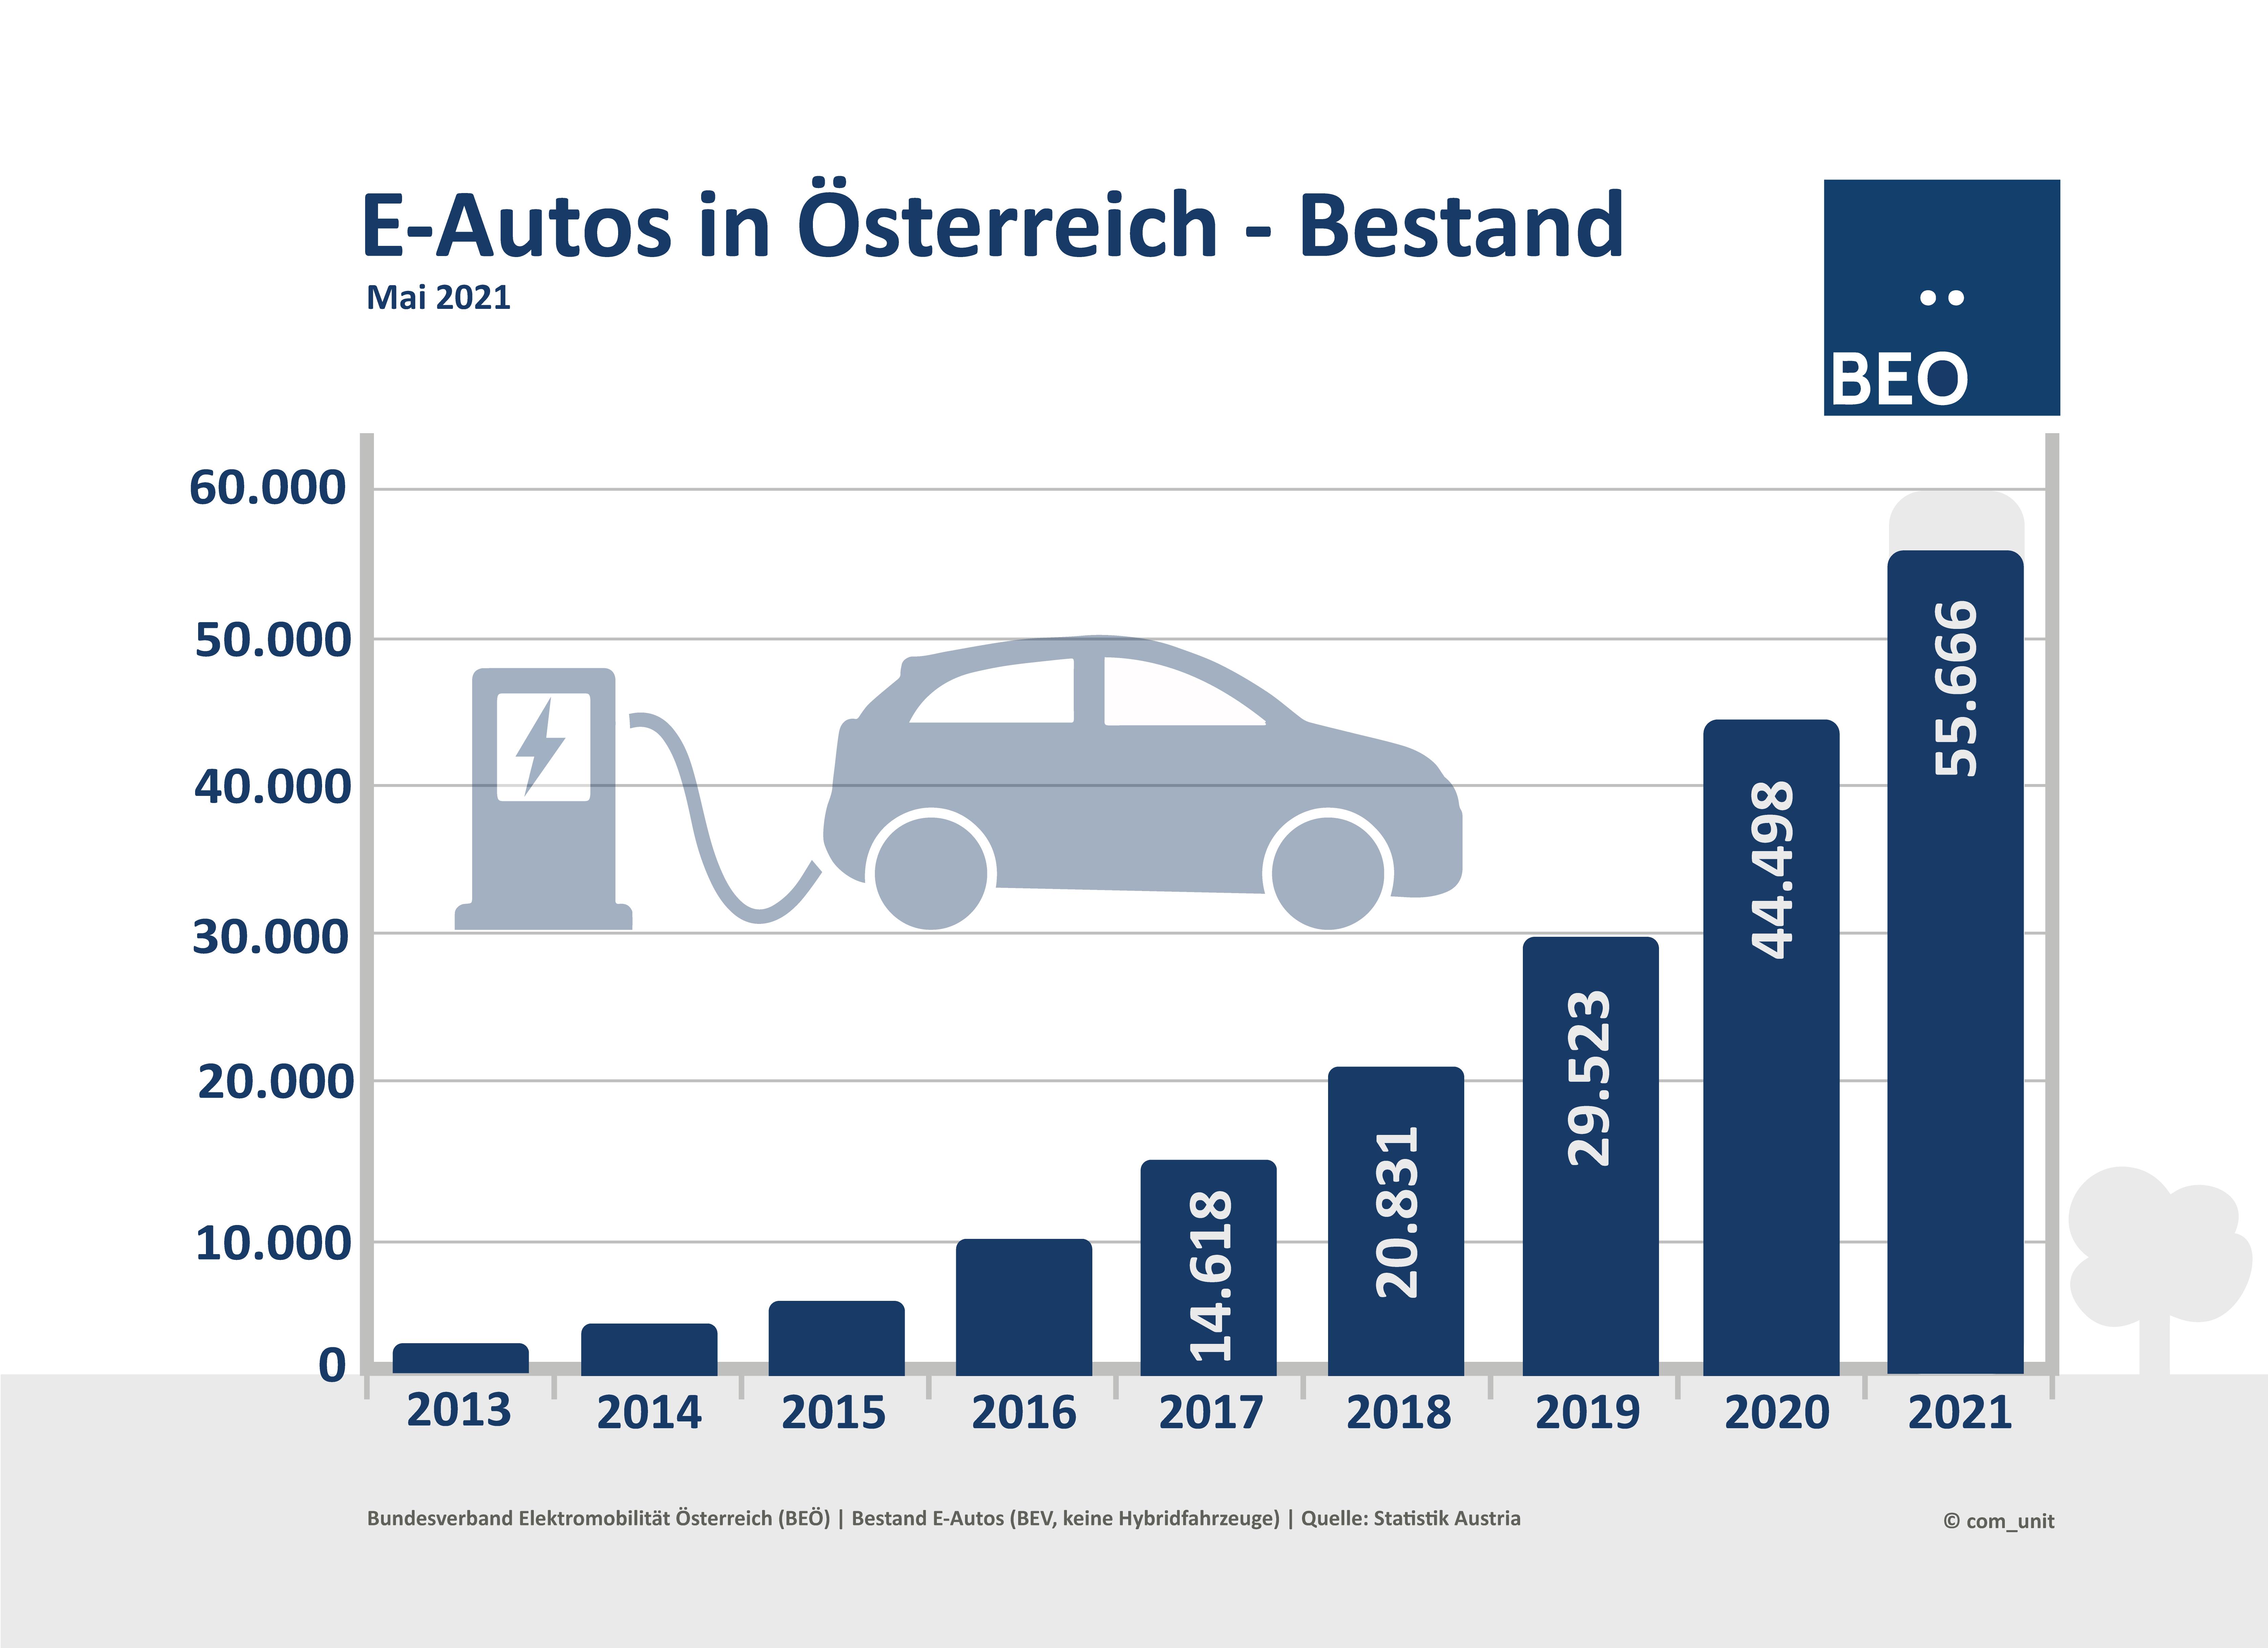 E-Autos Bestand Mai 2021